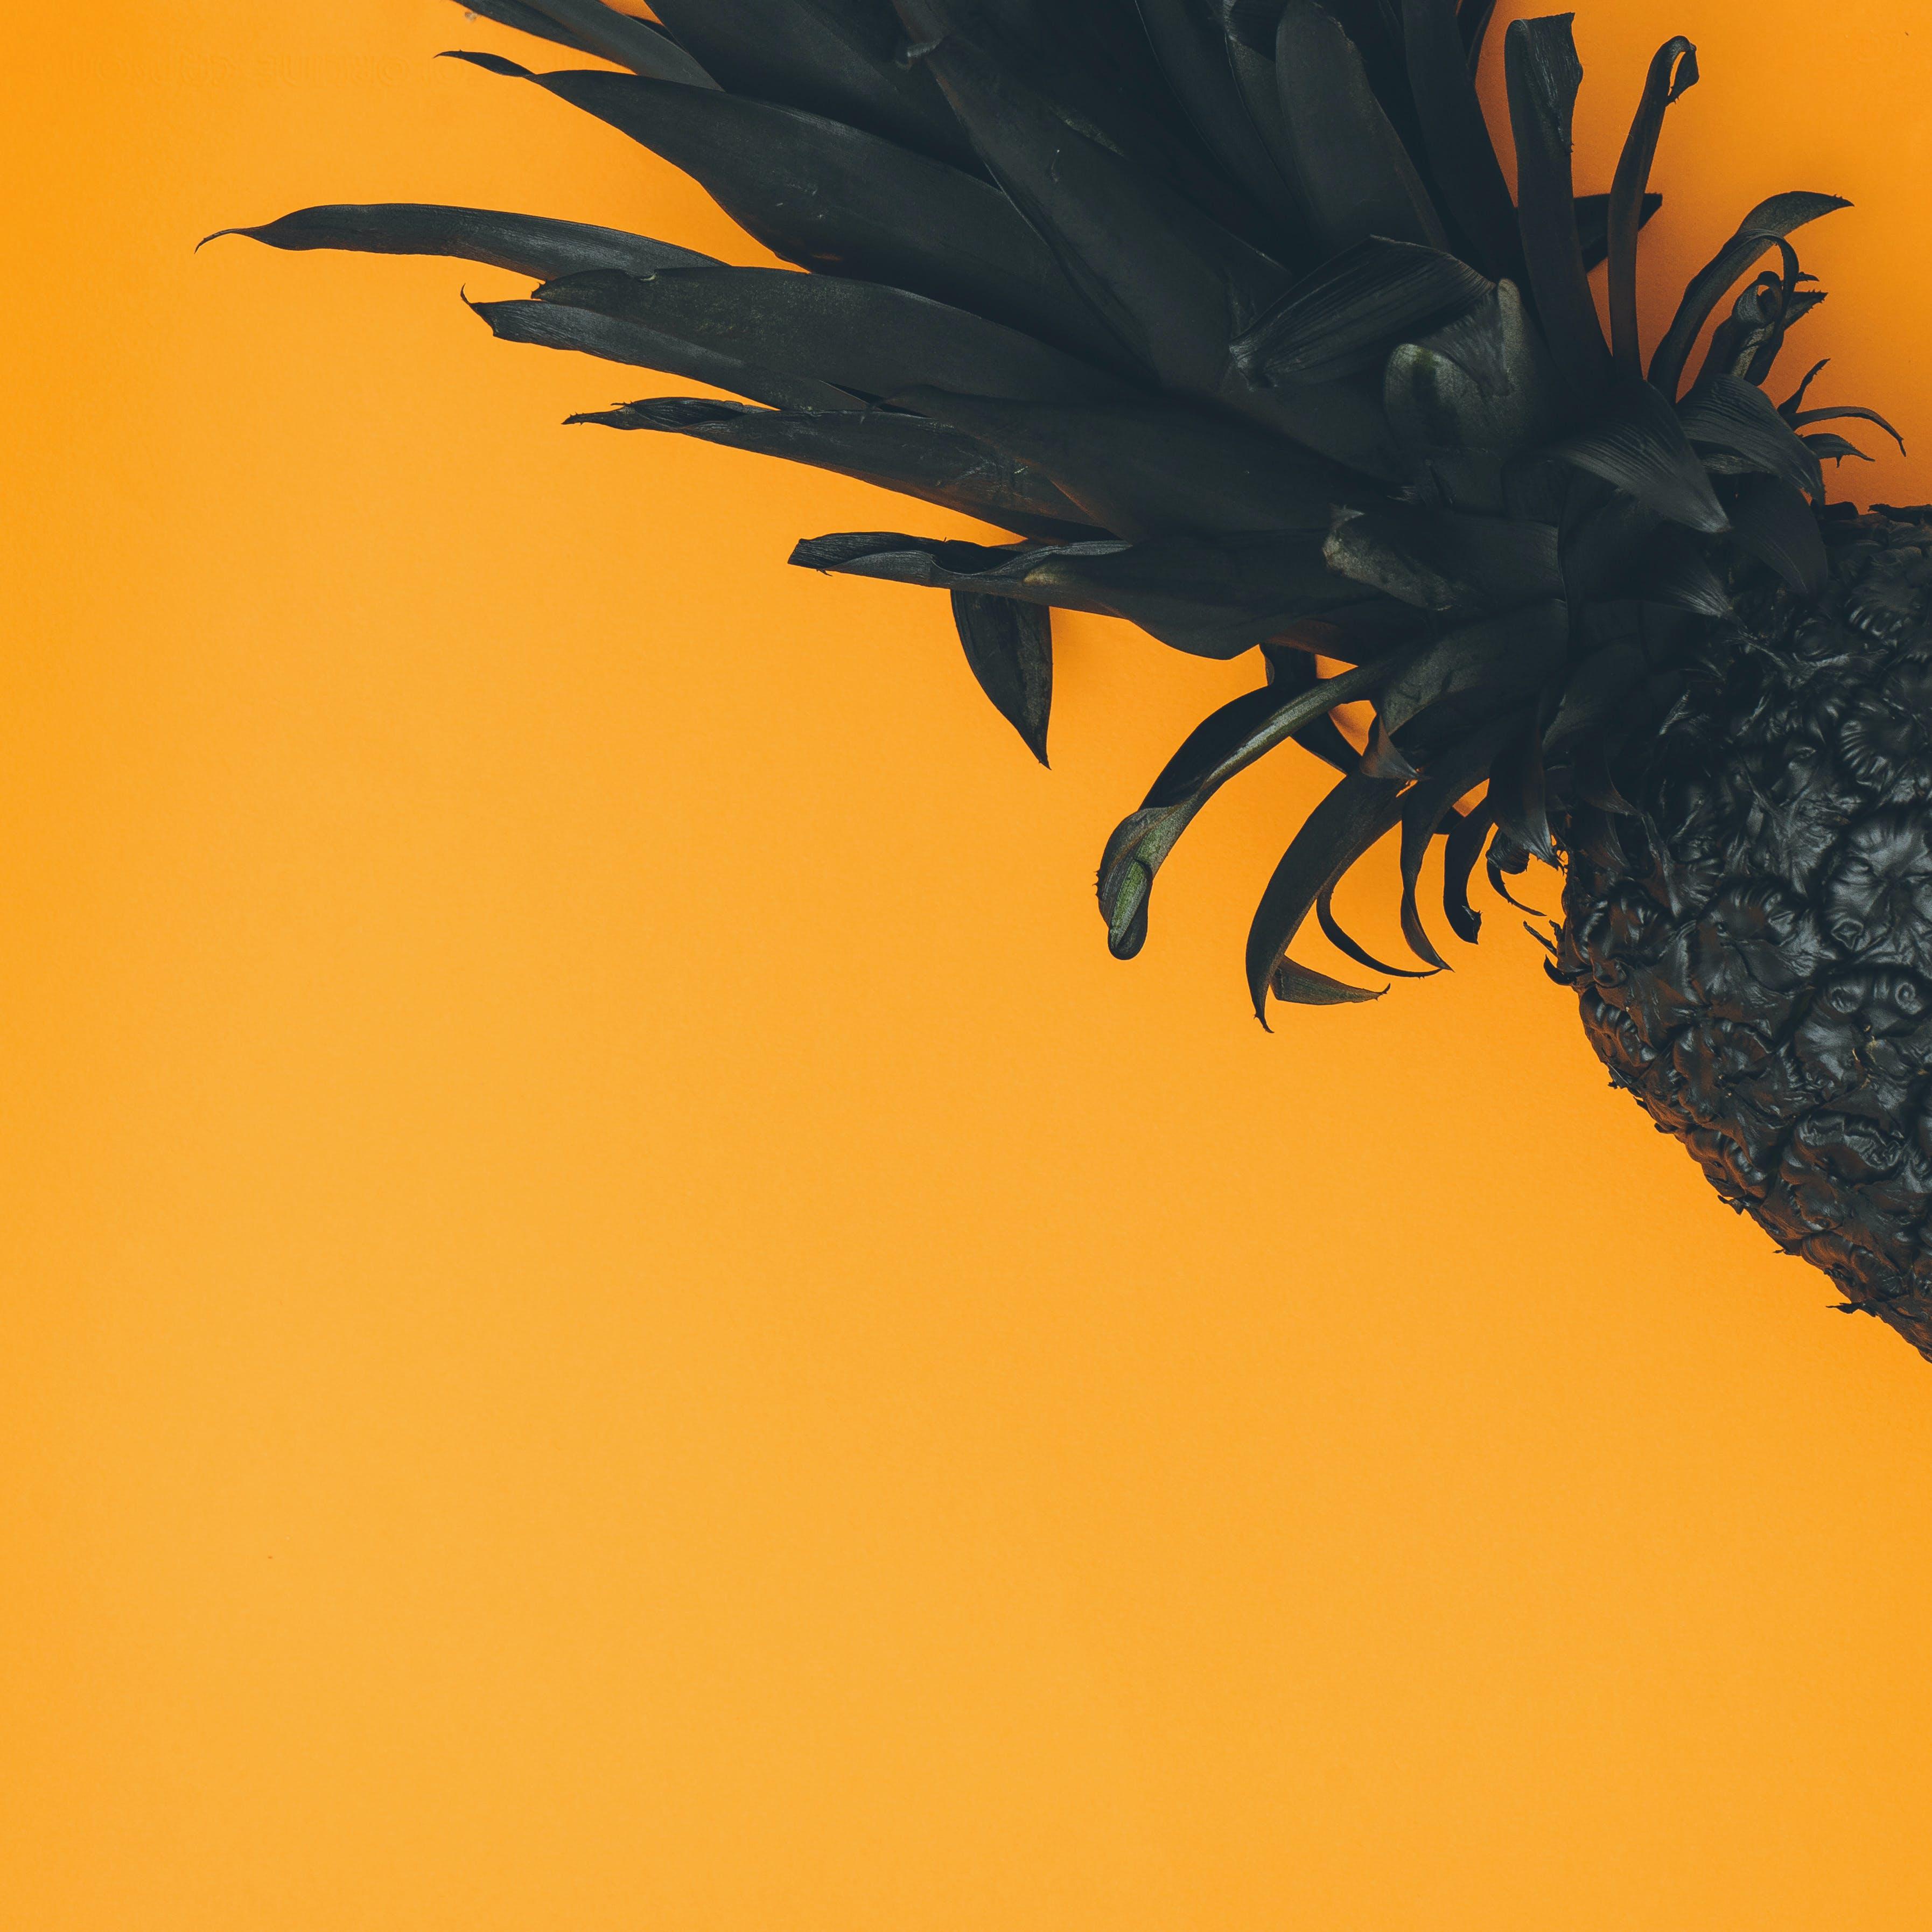 アート, オレンジ, オーバーヘッド, コピースペースの無料の写真素材